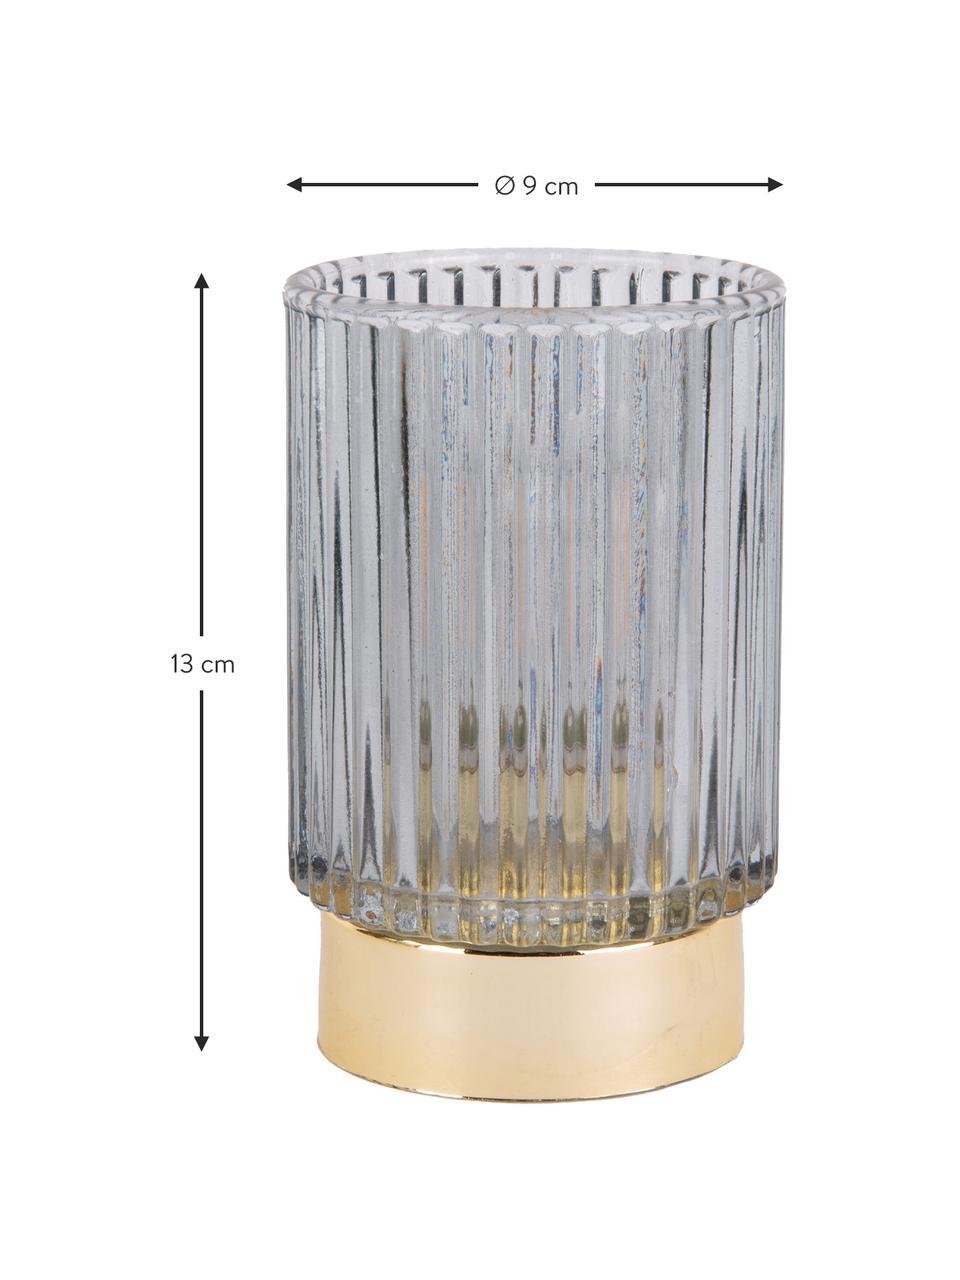 Świecznik LED Ribbed, Szkło, Niebieski, Ø 9 x W 13 cm